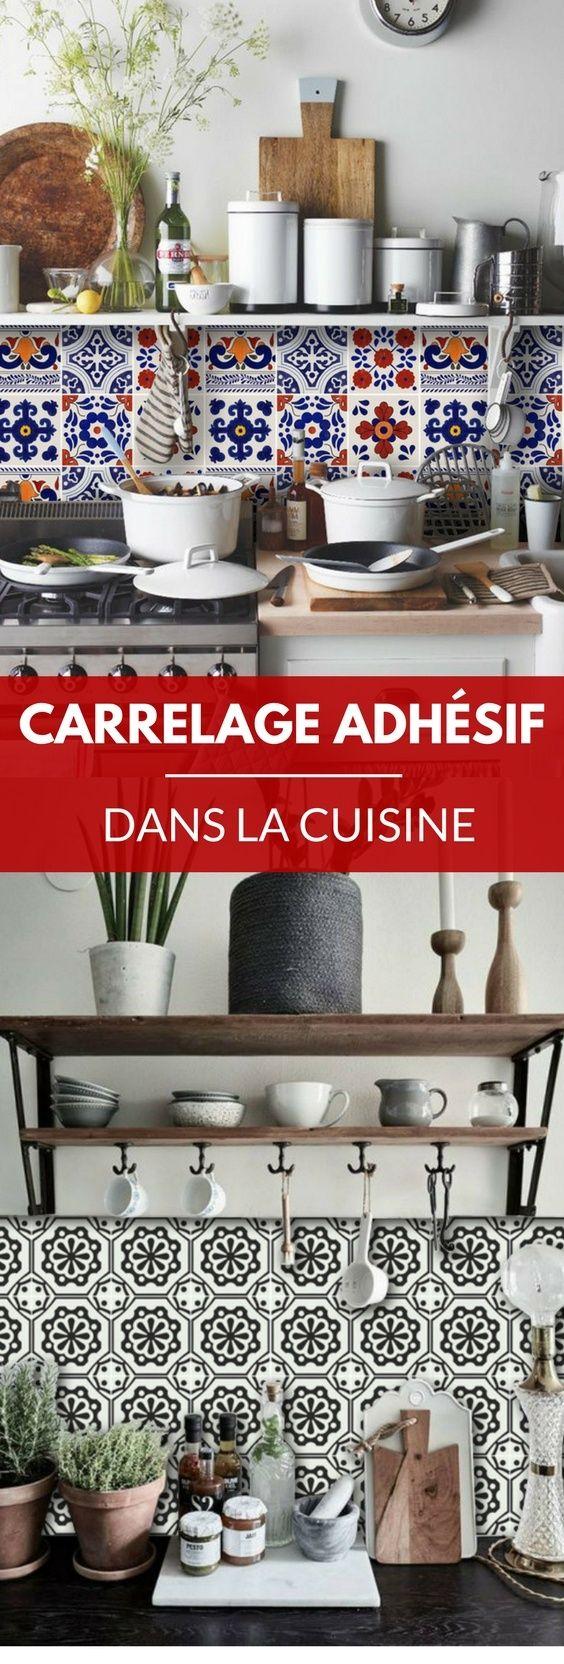 17 meilleures id es propos de carrelage adhesif sur pinterest carrelage a - Adhesif carrelage cuisine ...